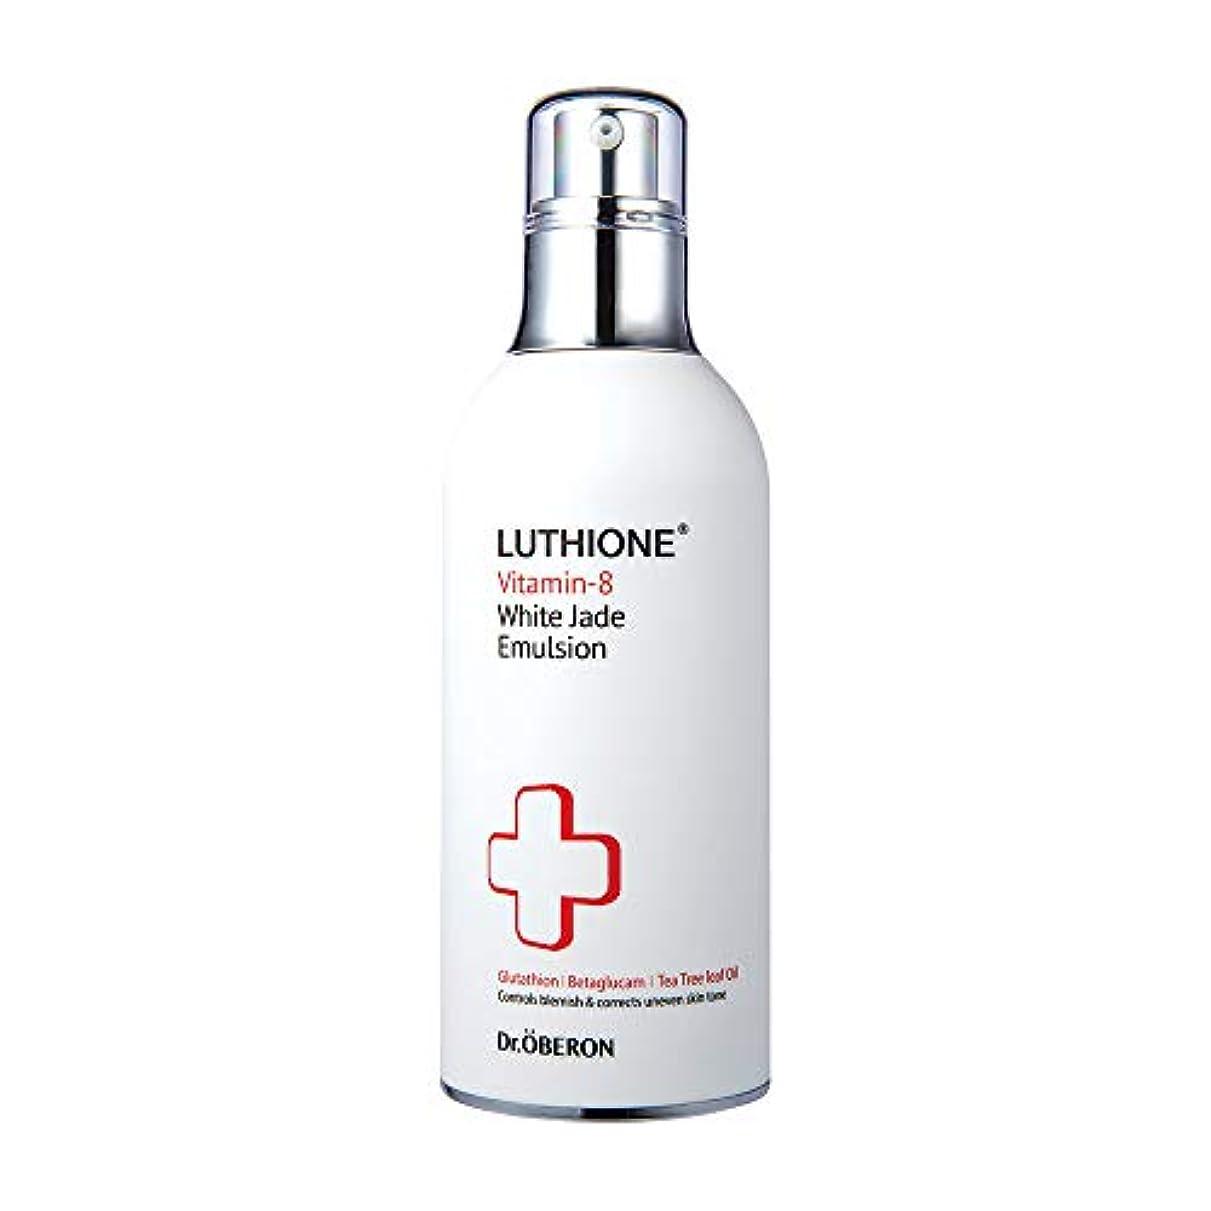 モチーフ十年セクタ[Luthione] ルチオン ビタミン-8 白玉 エマルジョン 3.5 oz Vitamin-8 White Jade Emulsion 3.5 oz - Hydrating Moisturizer Lightening...